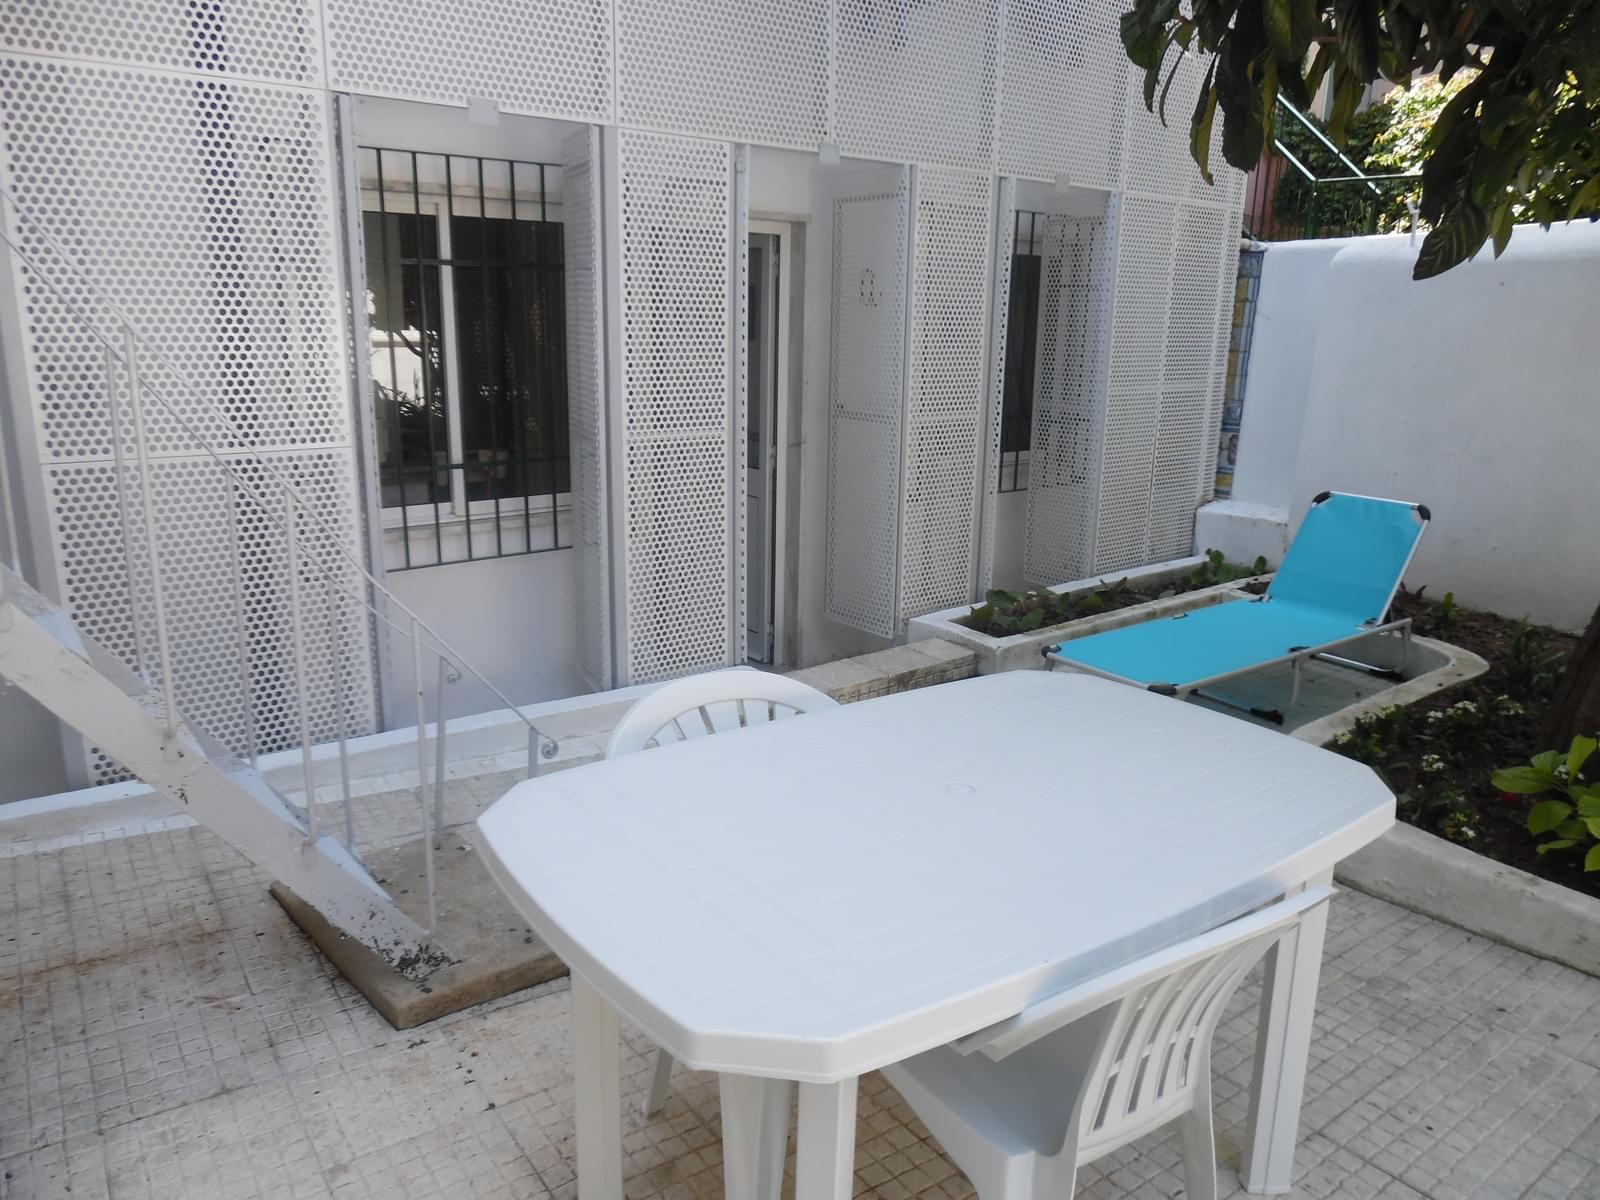 pf17147-apartamento-t2-lisboa-6f095b31-b4c4-4529-a0a0-2701f9734bd4